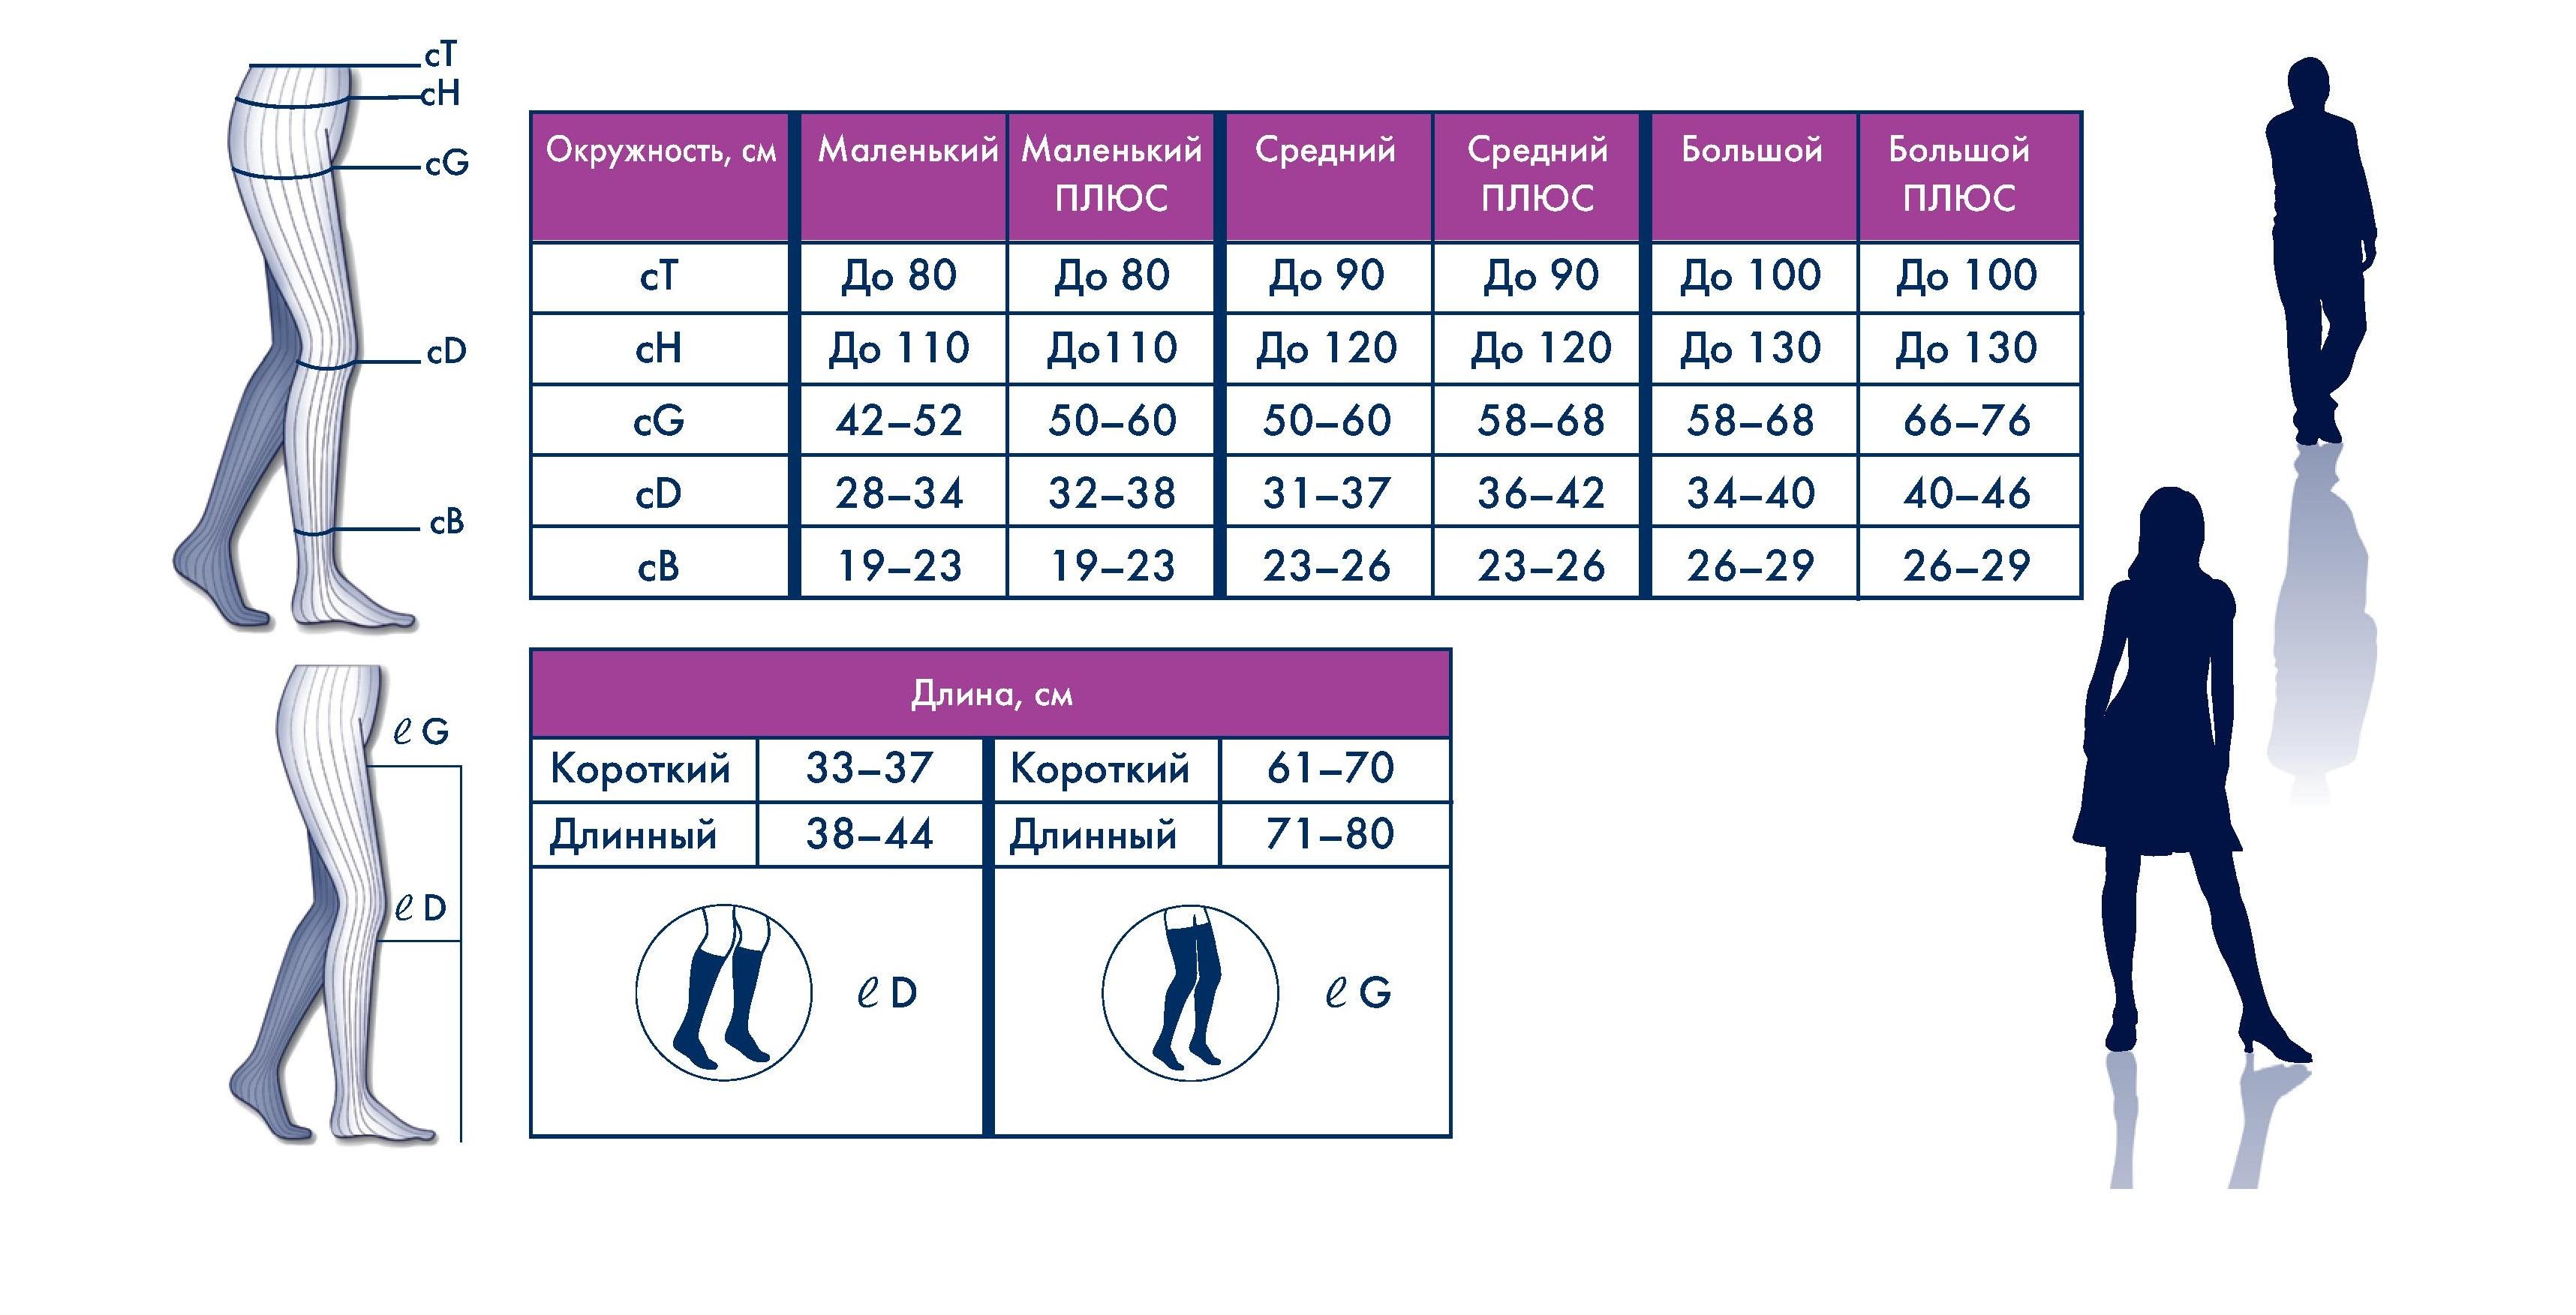 Схема подбора размера Топ Файн Селект